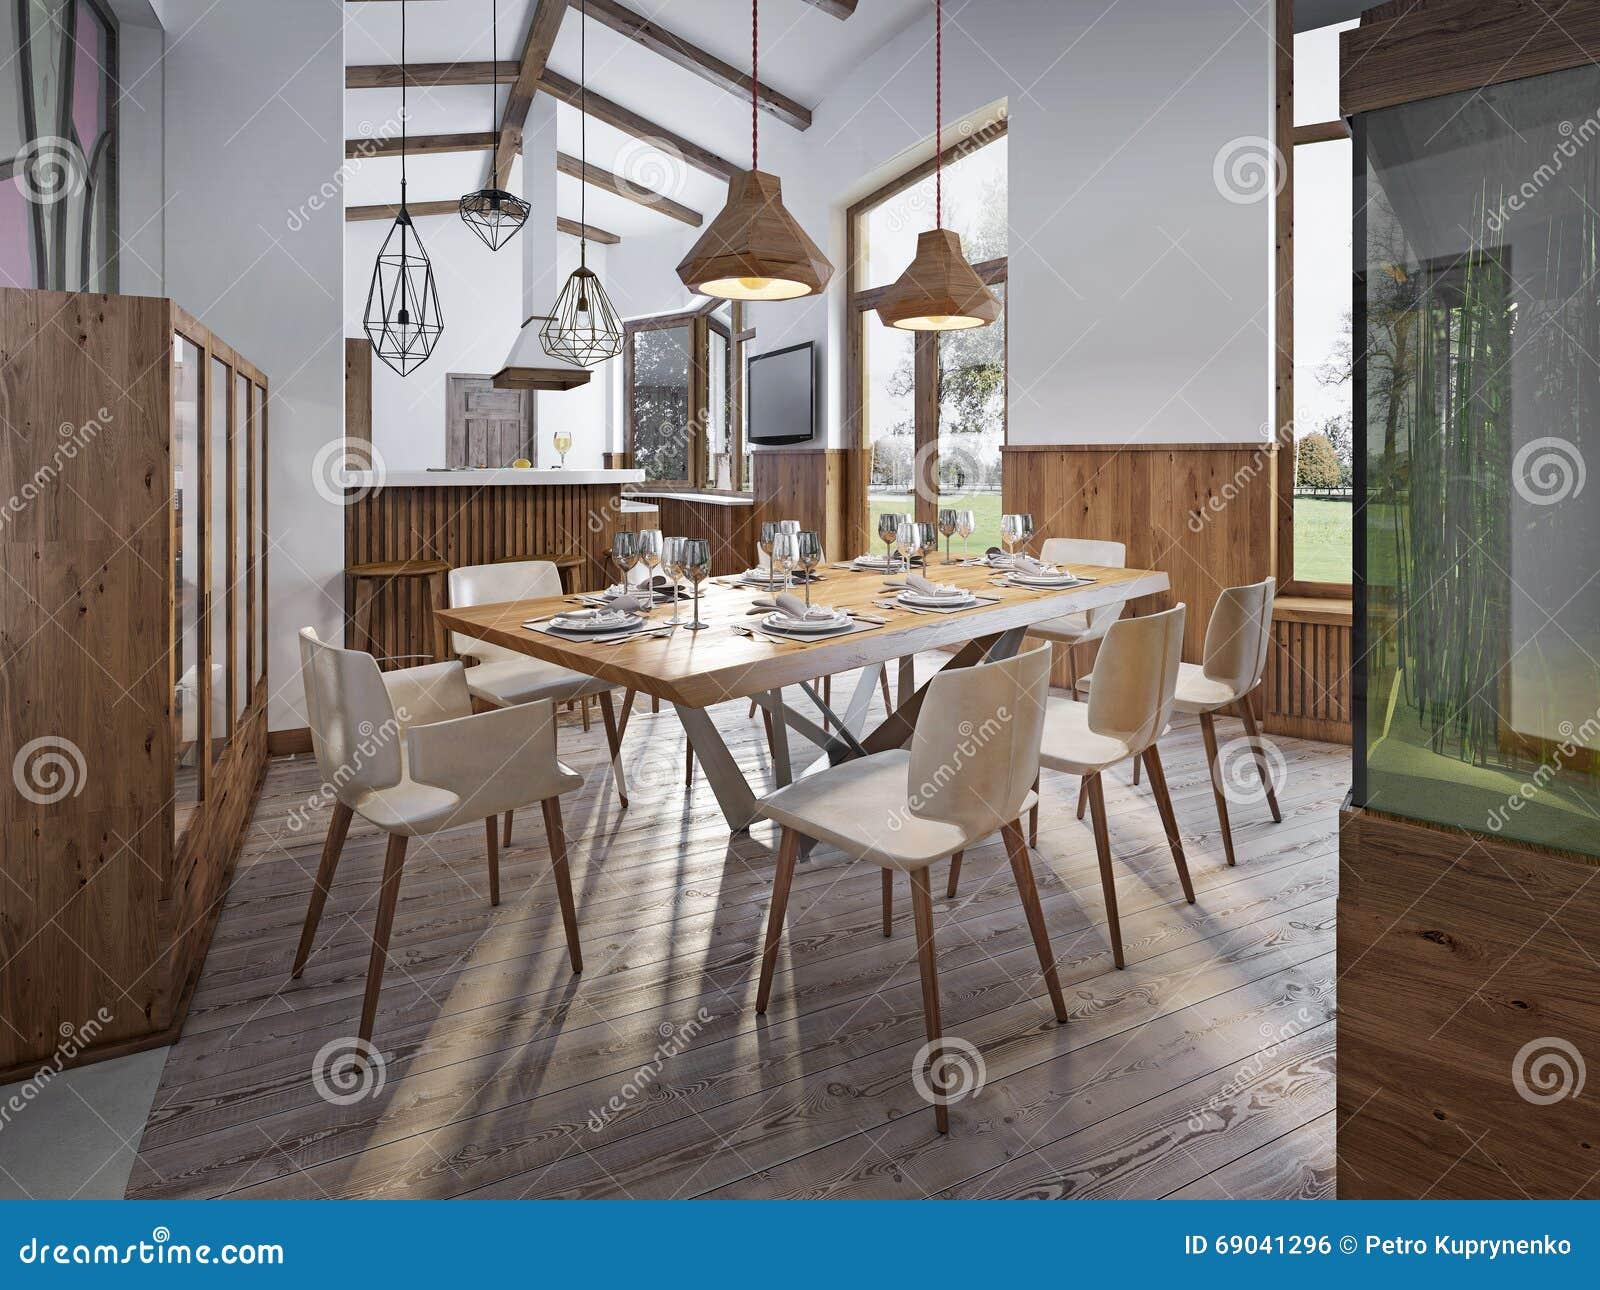 Gediente Tabelle Für Acht Im Esszimmer Im Dachboden Mit Hohen Decken  Esszimmer Mit Einem Großen Aquarium Auf Einem Hohen Sockel 3d übertragen